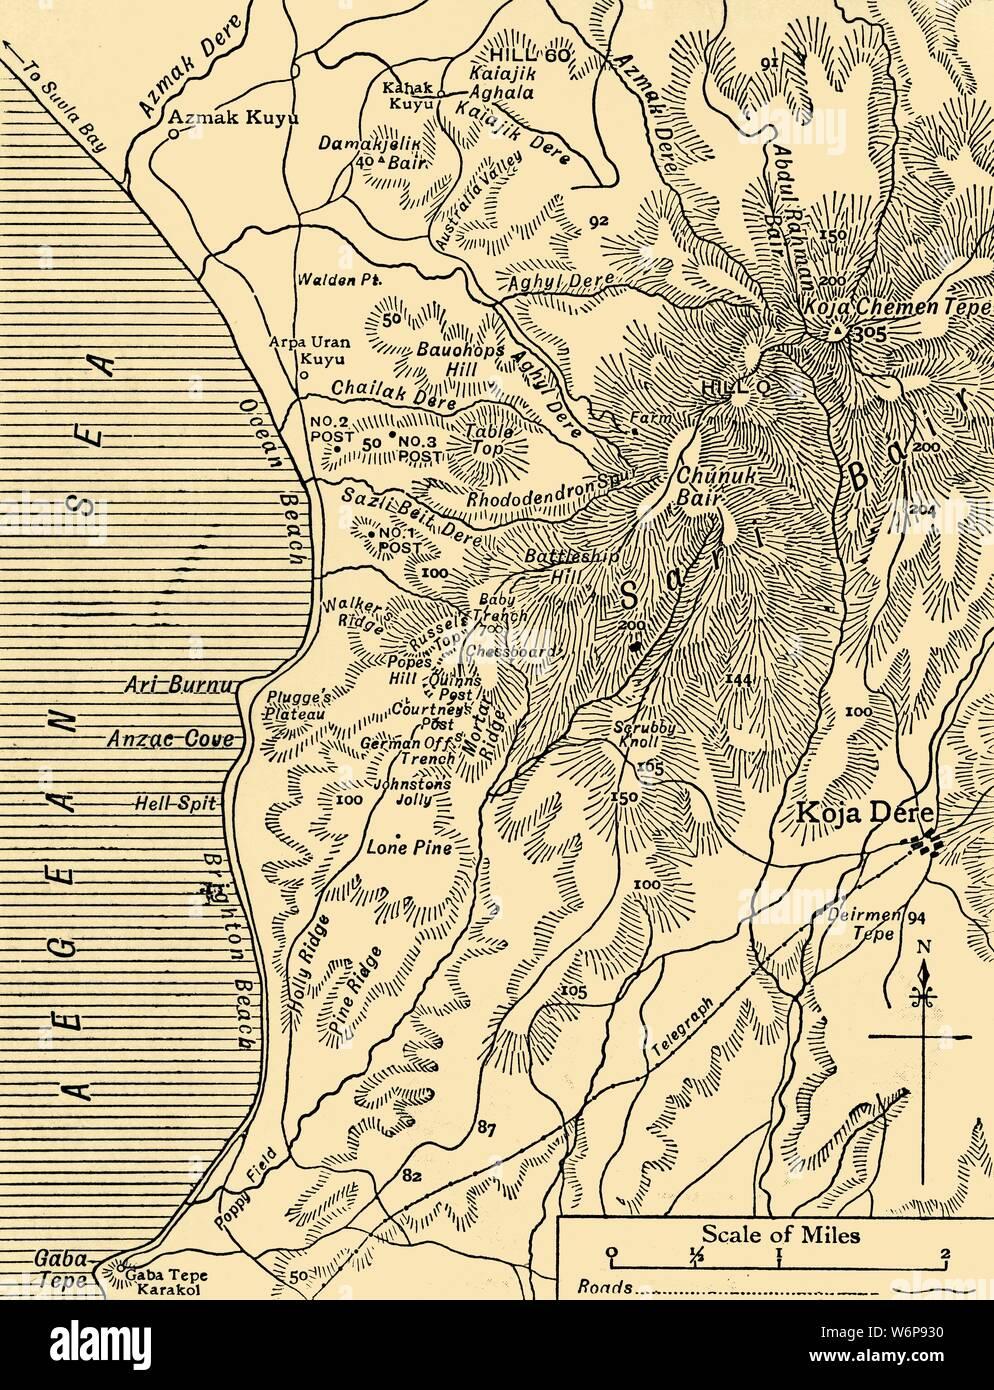 Schlachtfelder Des 2 Weltkriegs Karte.Karte Von Sari Bair Halbinsel Gallipoli Erster Weltkrieg